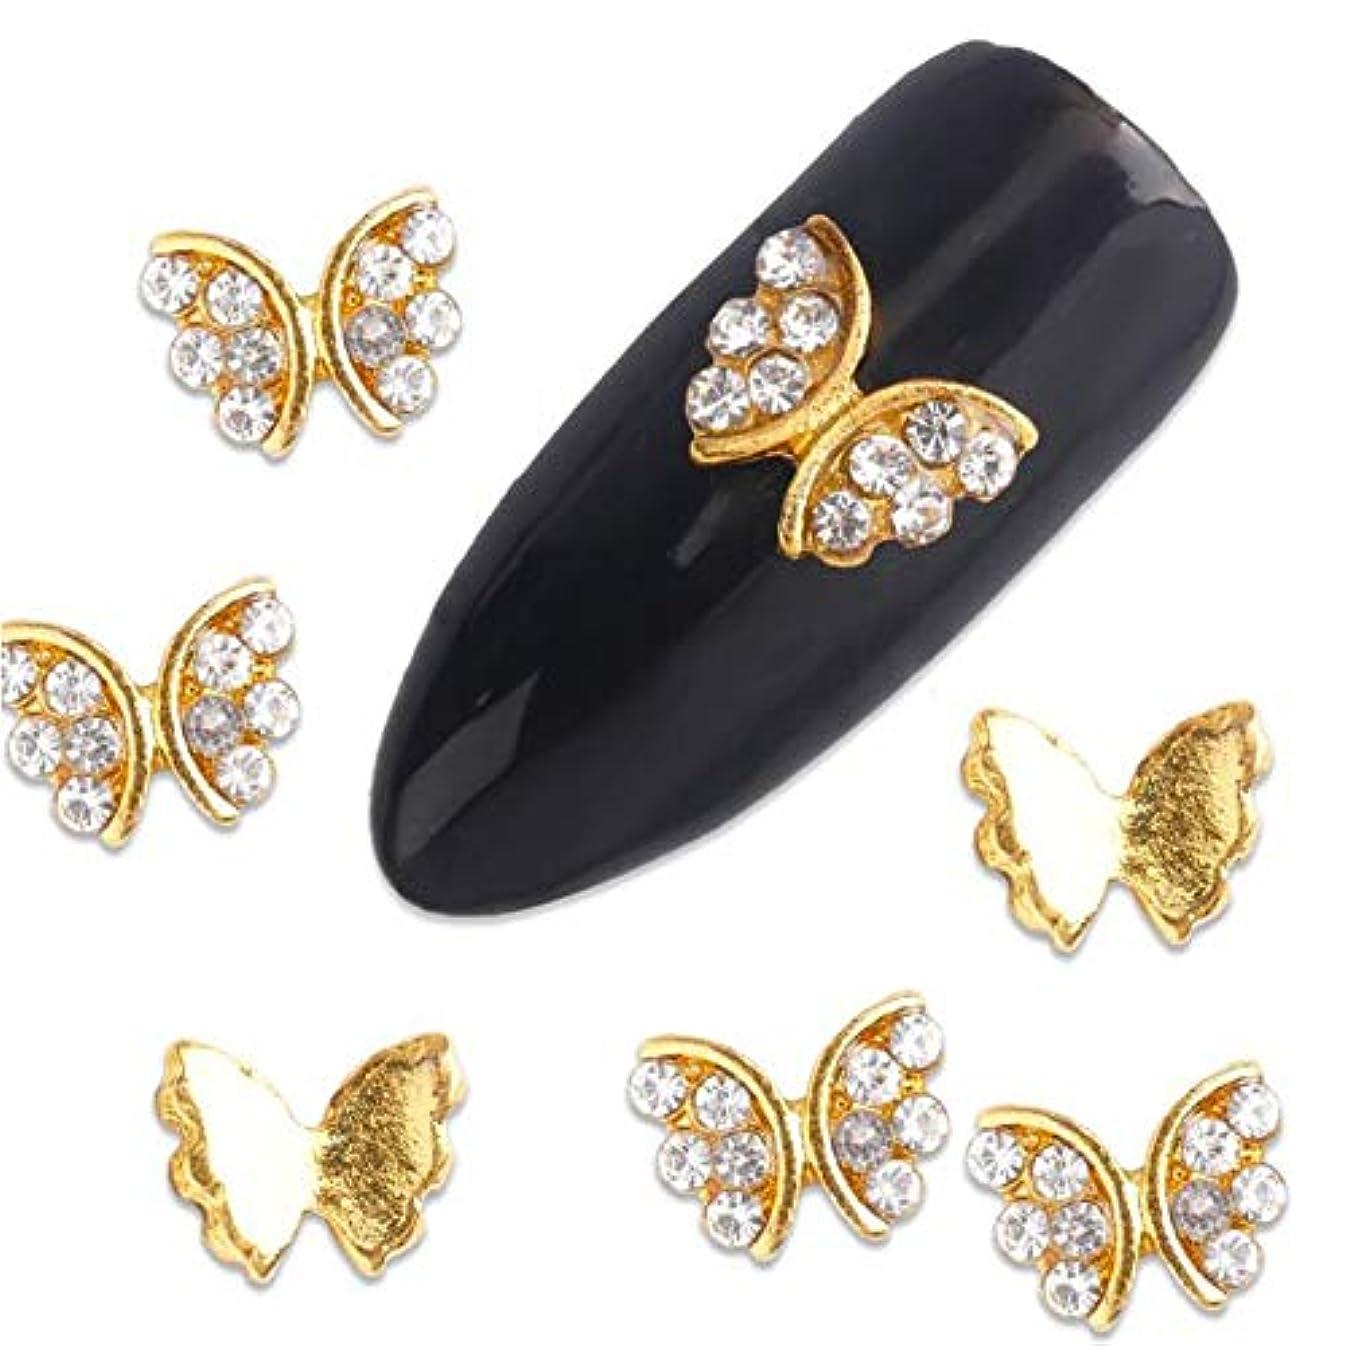 シールド八百屋震え10個入りの3D合金ネイルアートグリッターラインストーンの装飾のための爪ステッカー蝶ネイルジェルツールアクセサリー用品